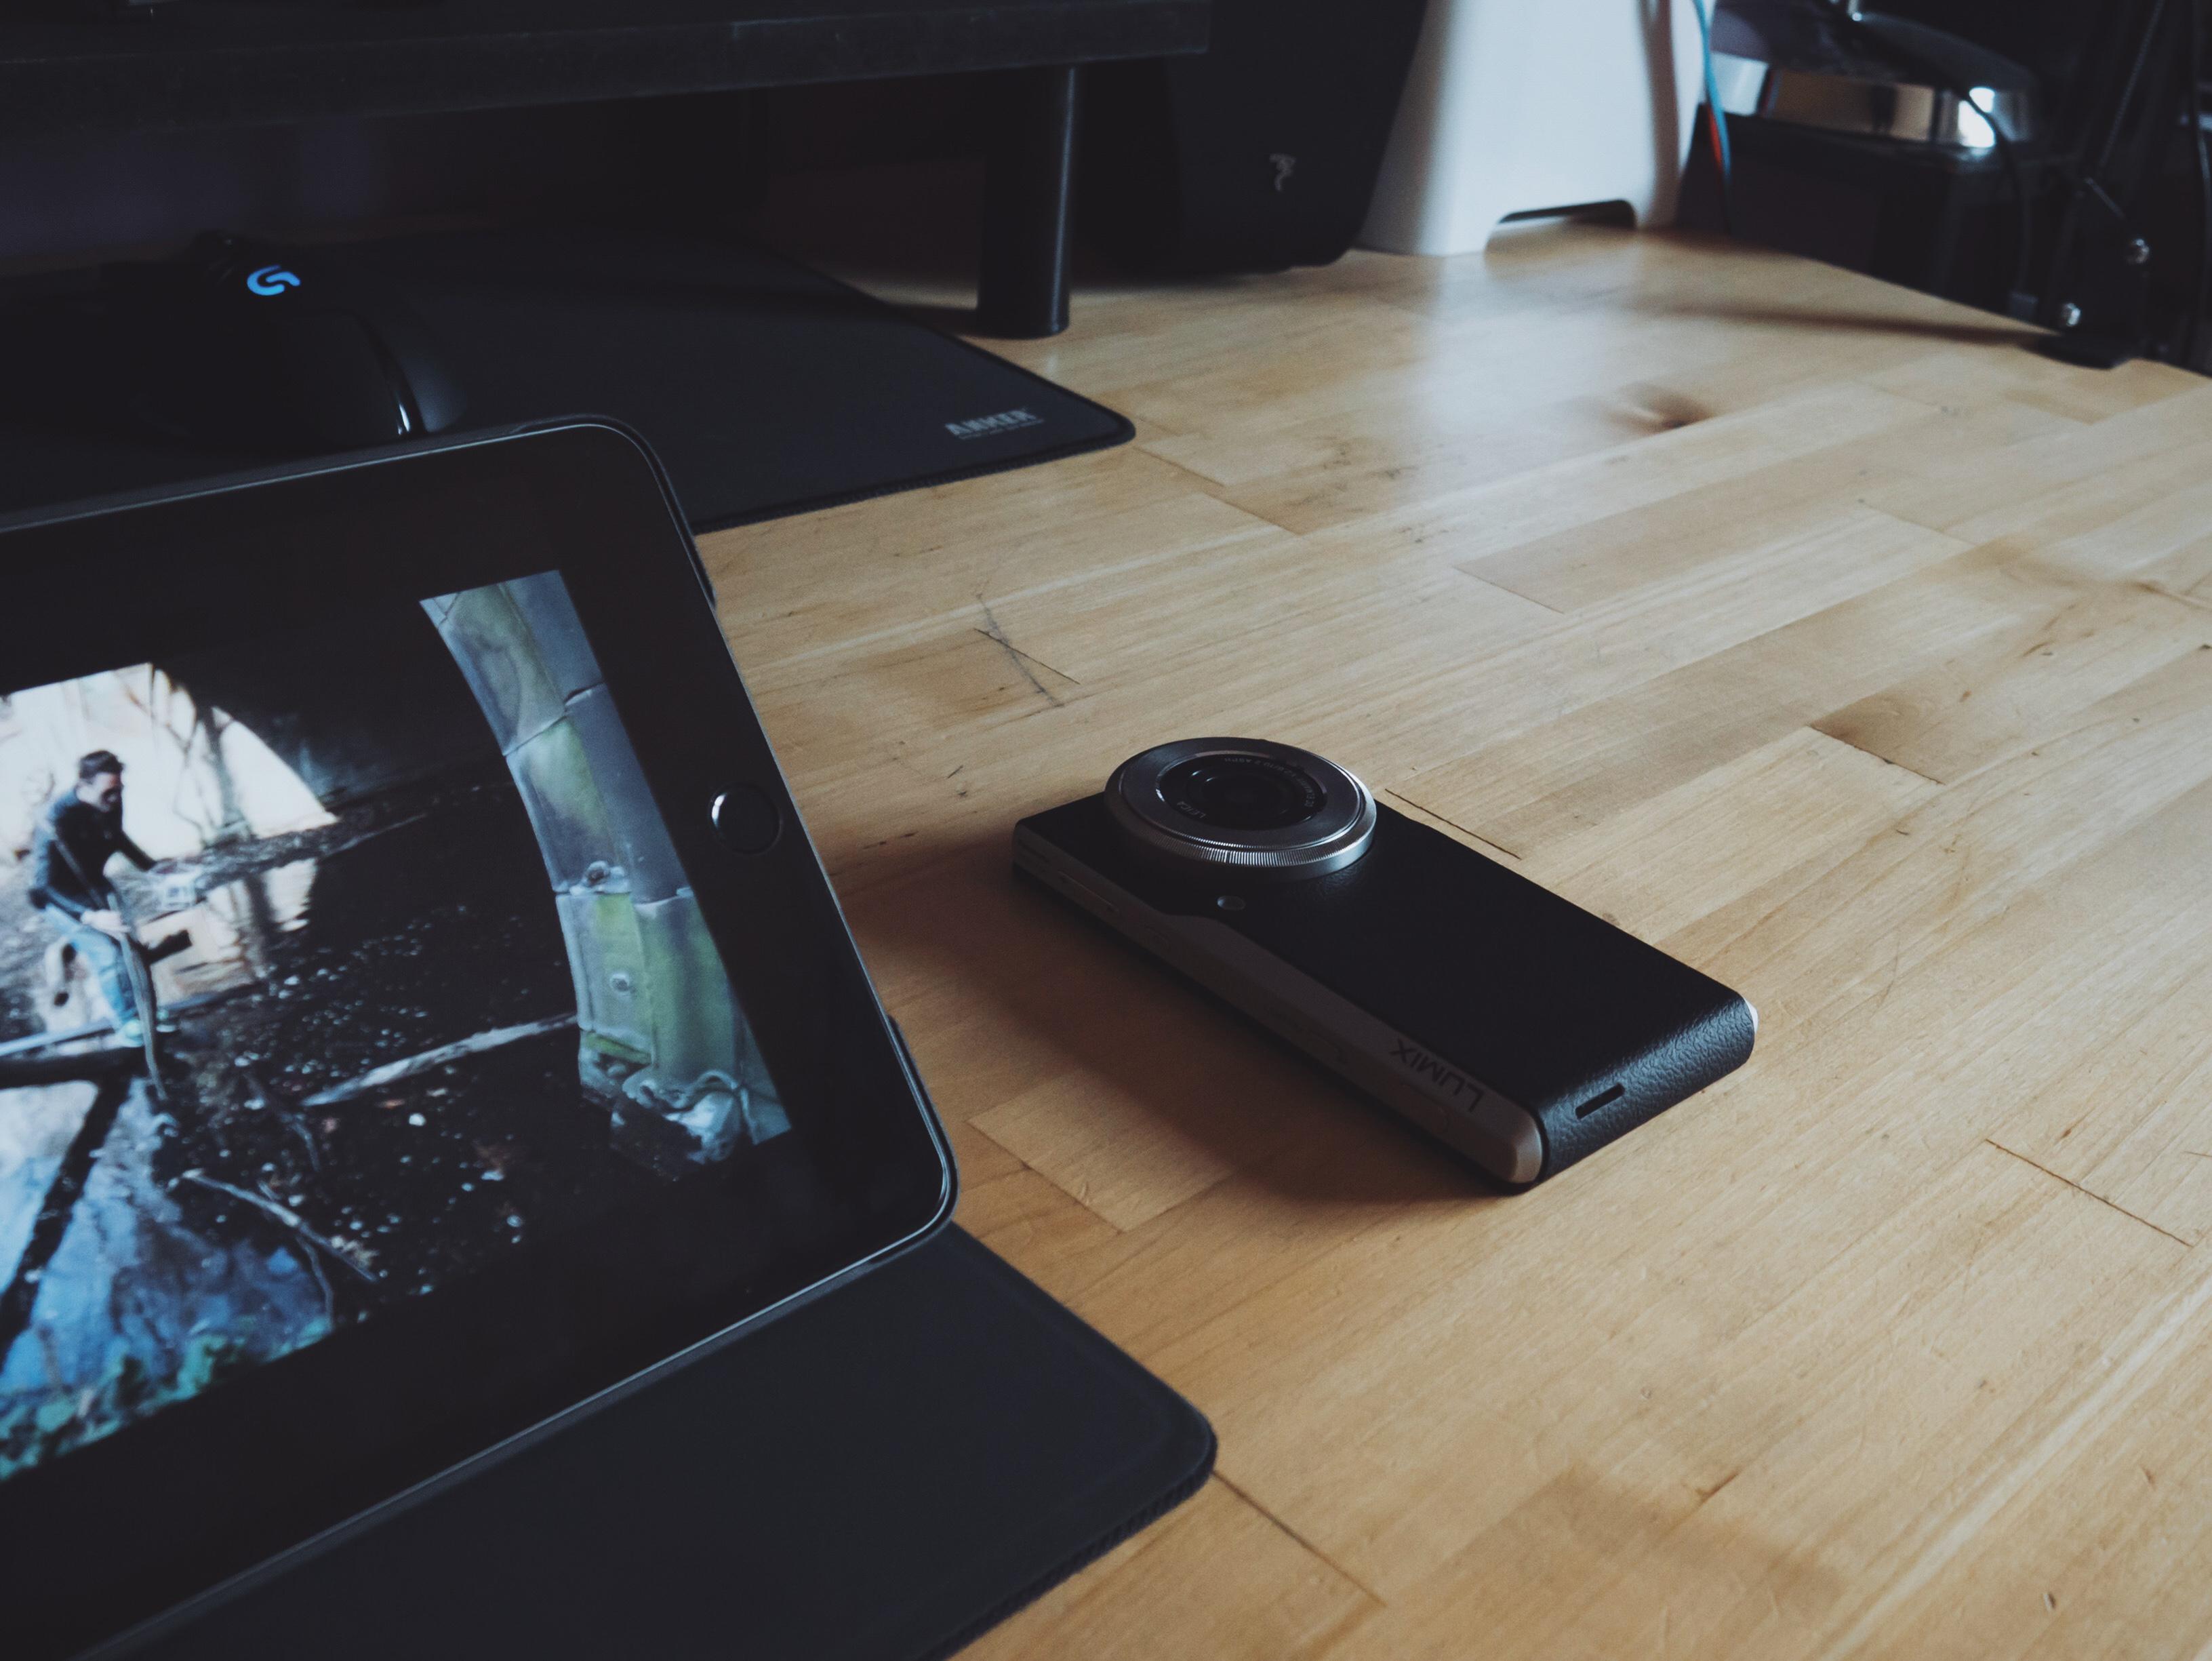 Un photophone au quotidien : mon test du Lumix DMC CM1